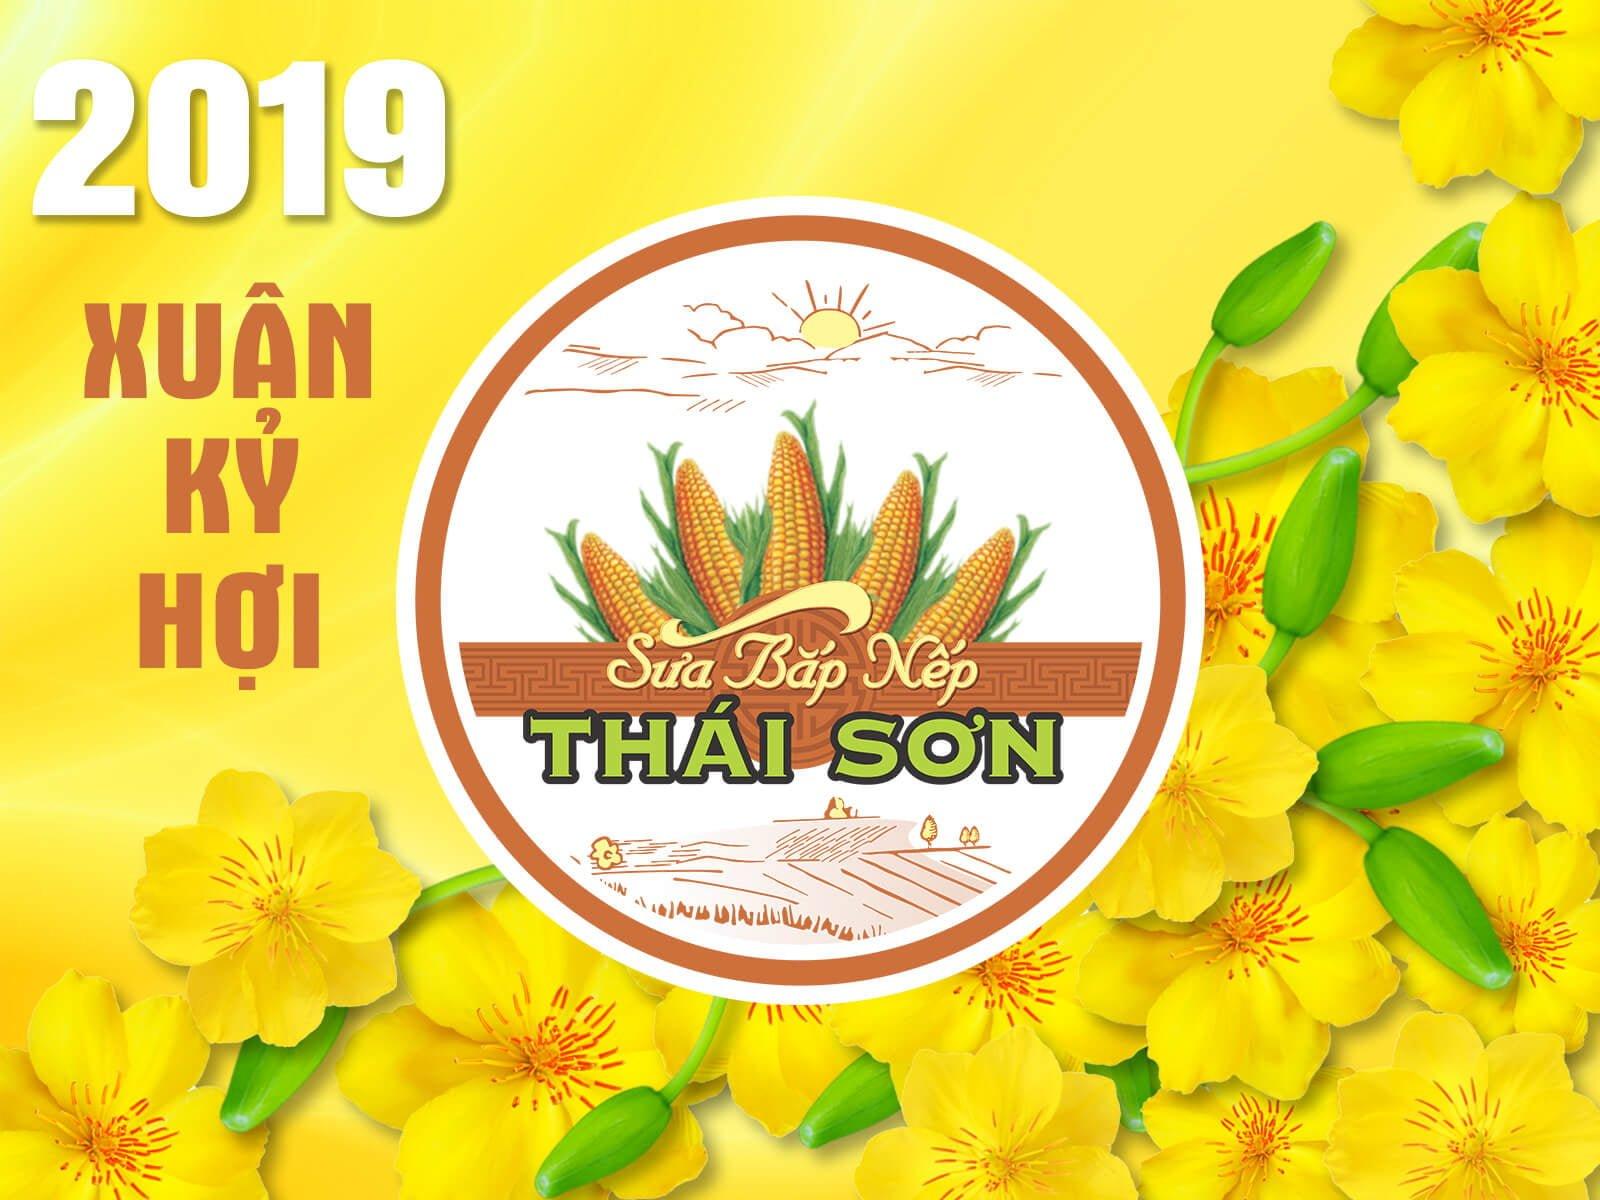 Sữa Bắp Thái Sơn_Món Ngon Ngày Tết - 02